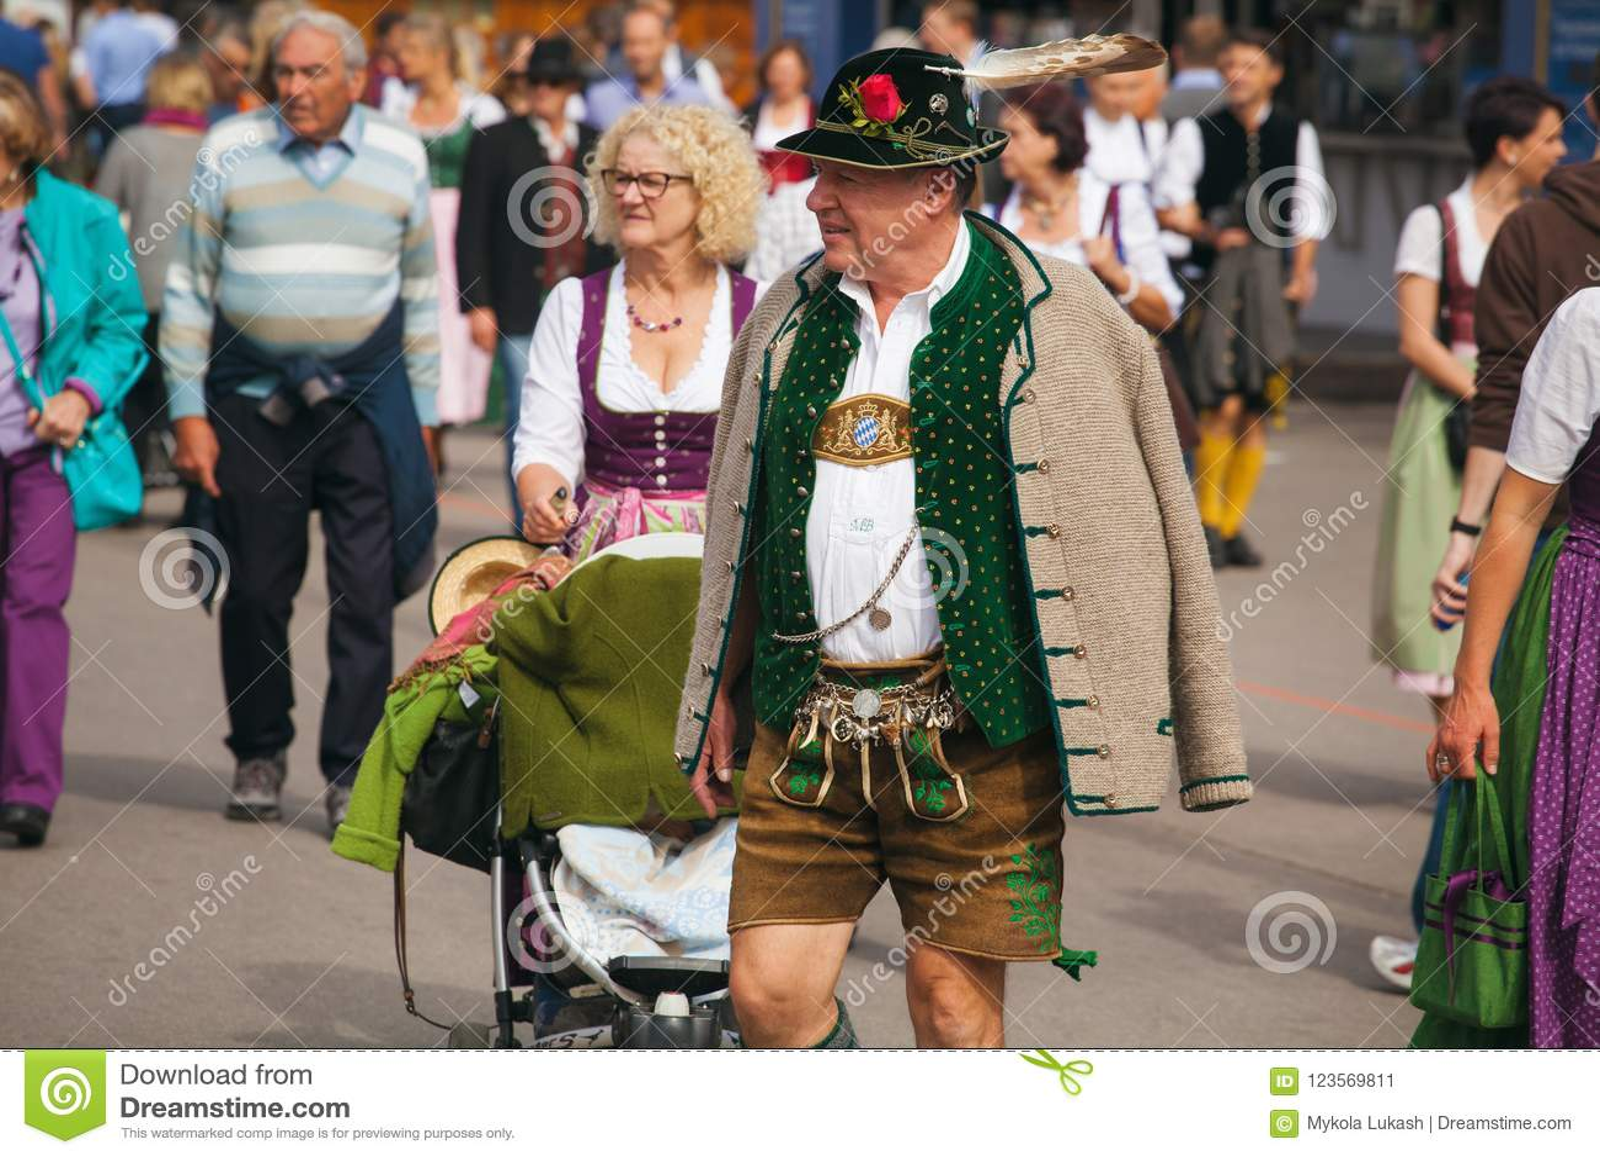 100% authentic 5a75a f3b39 München, Deutschland 27. September 2017: Hut Des Alten ...